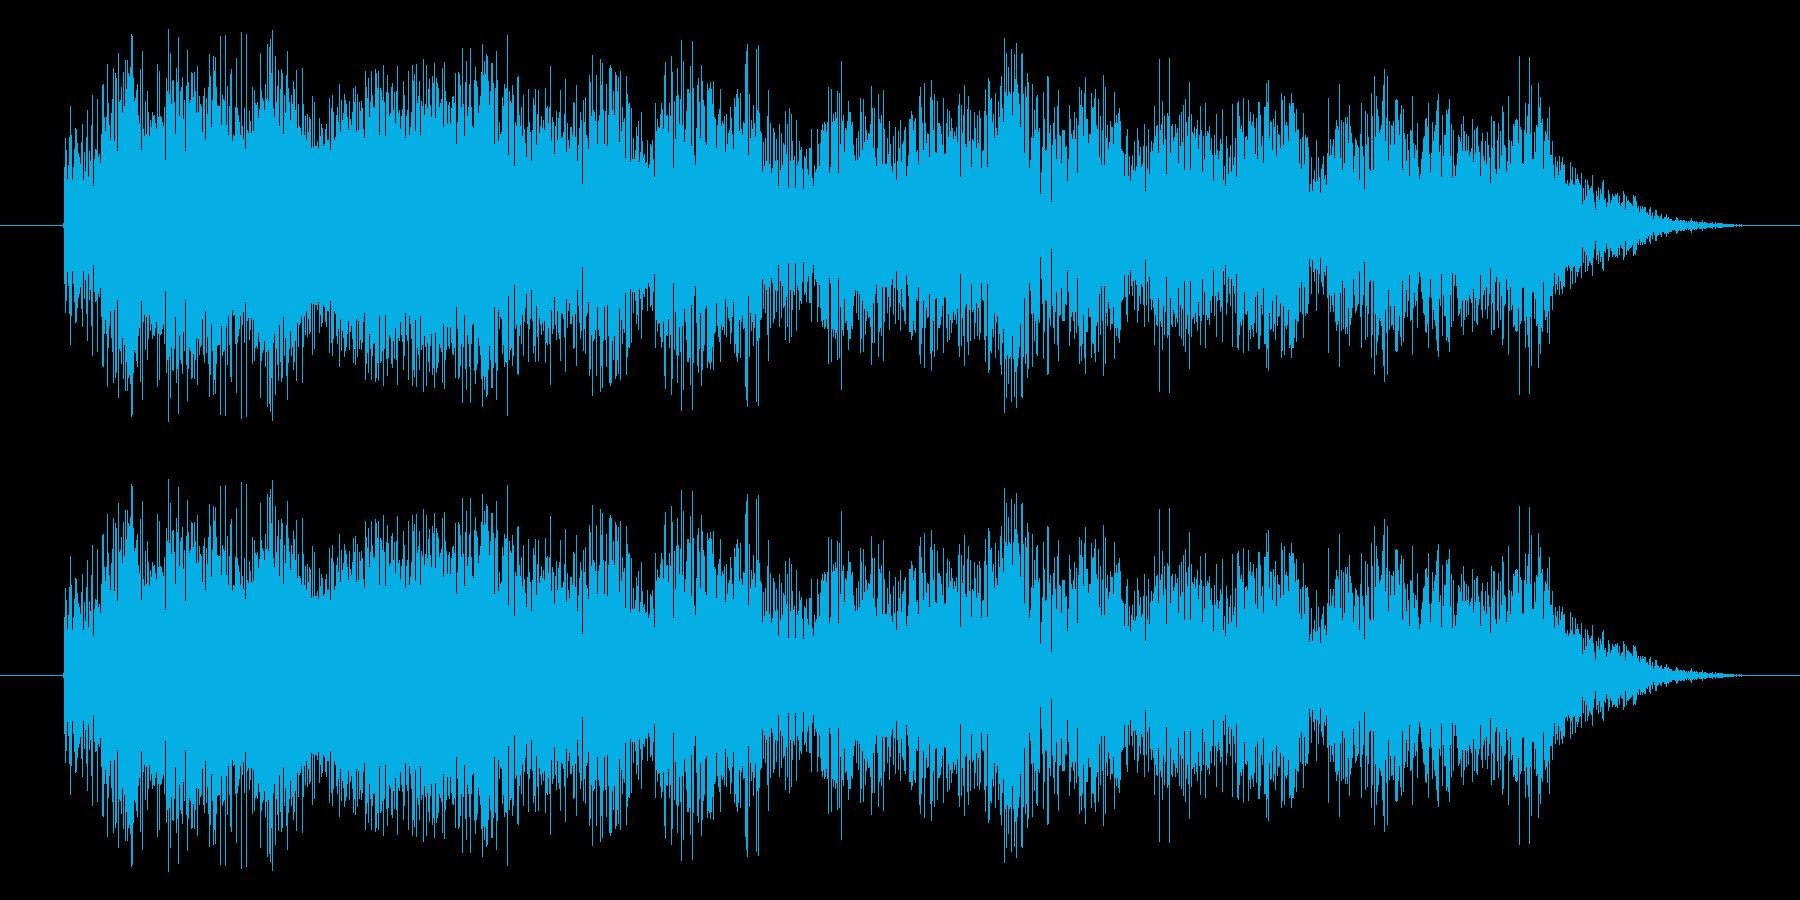 トゥィーォーの再生済みの波形